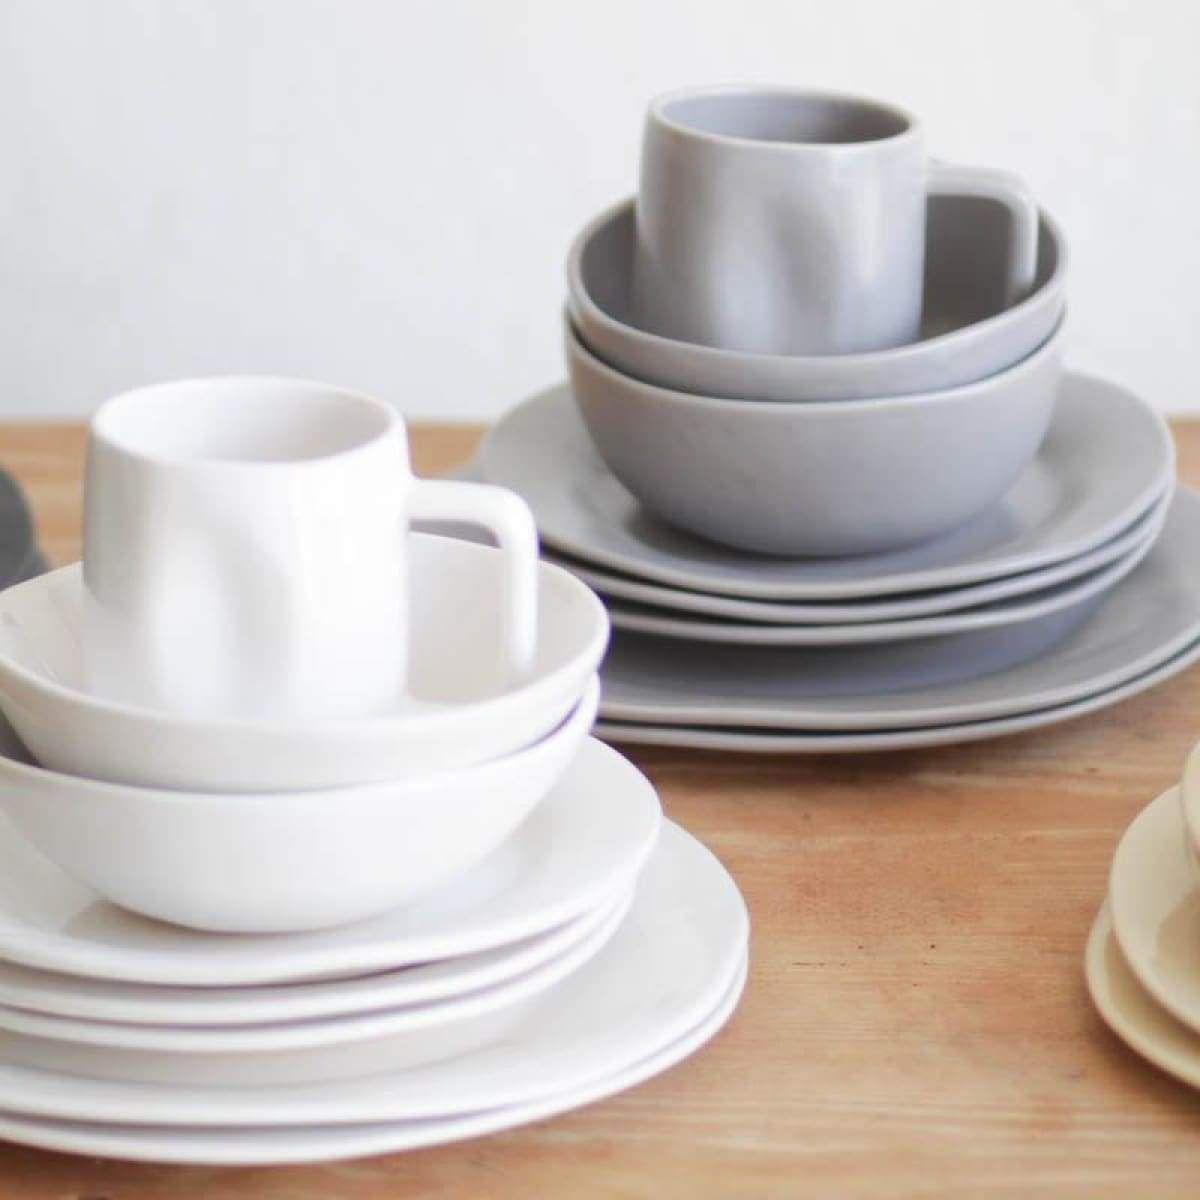 Classic Dinnerware In 2020 Classic Dinnerware Dinnerware Safe Food